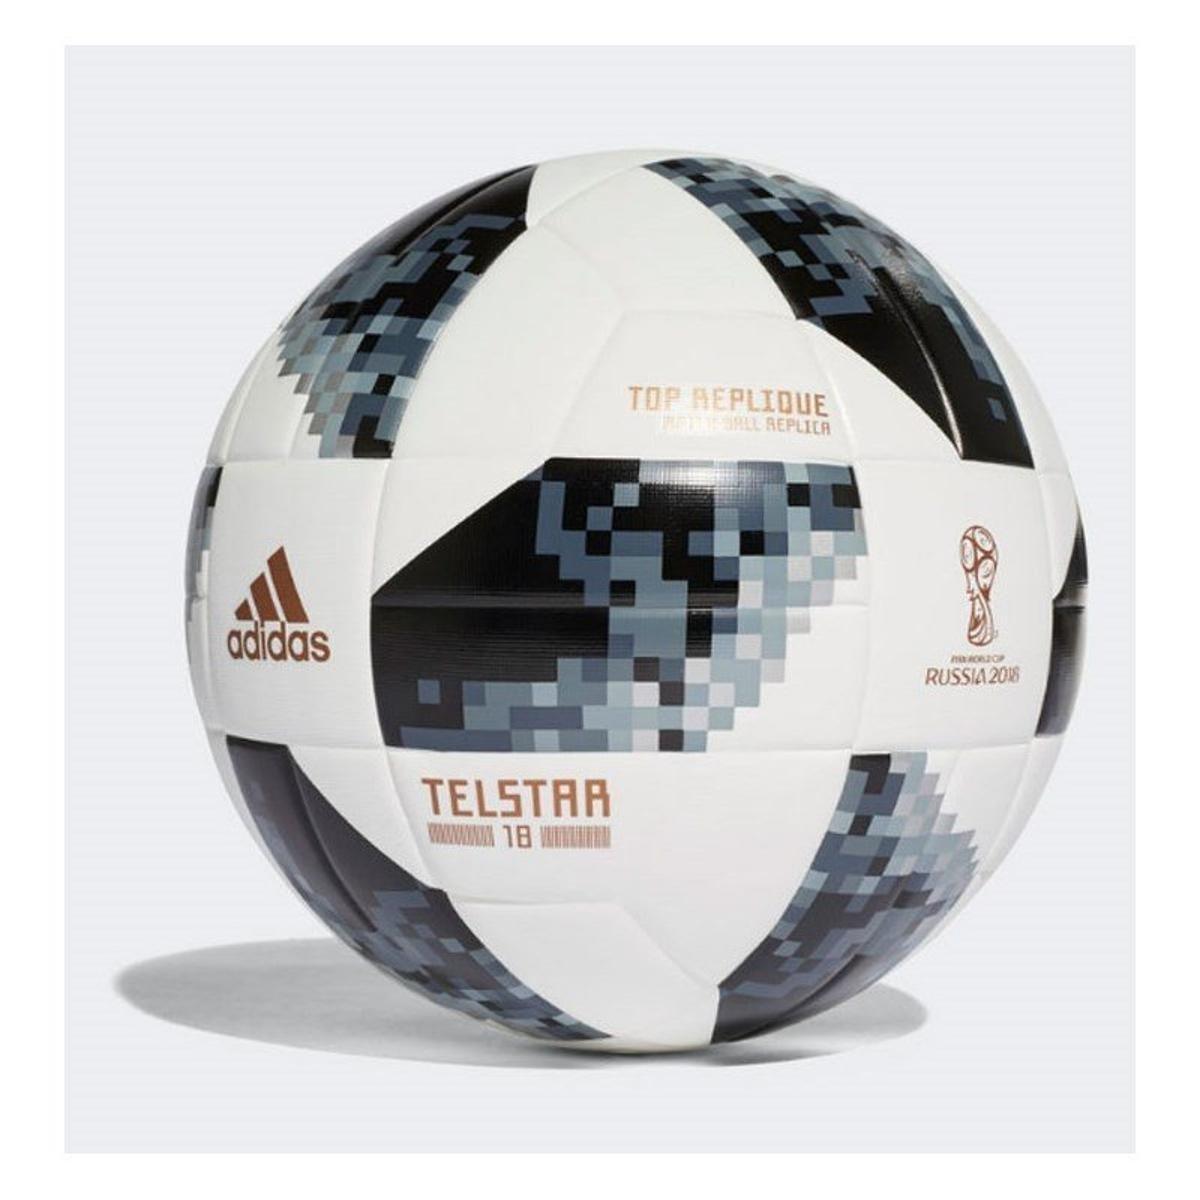 5e51c777a1da6 Bola Futebol Campo Adidas Telstar 18 Copa do Mundo TOP Replique FIFA -  Branco - Compre Agora